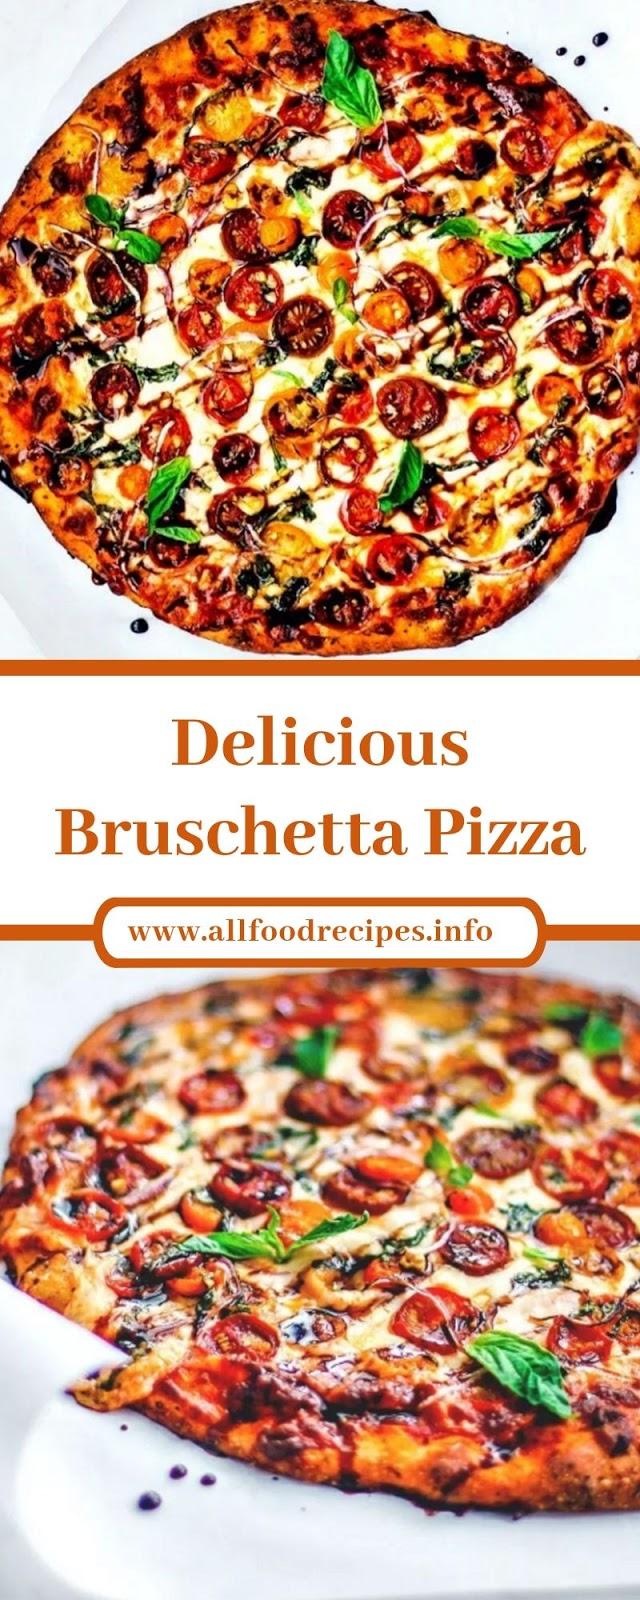 Delicious Bruschetta Pizza